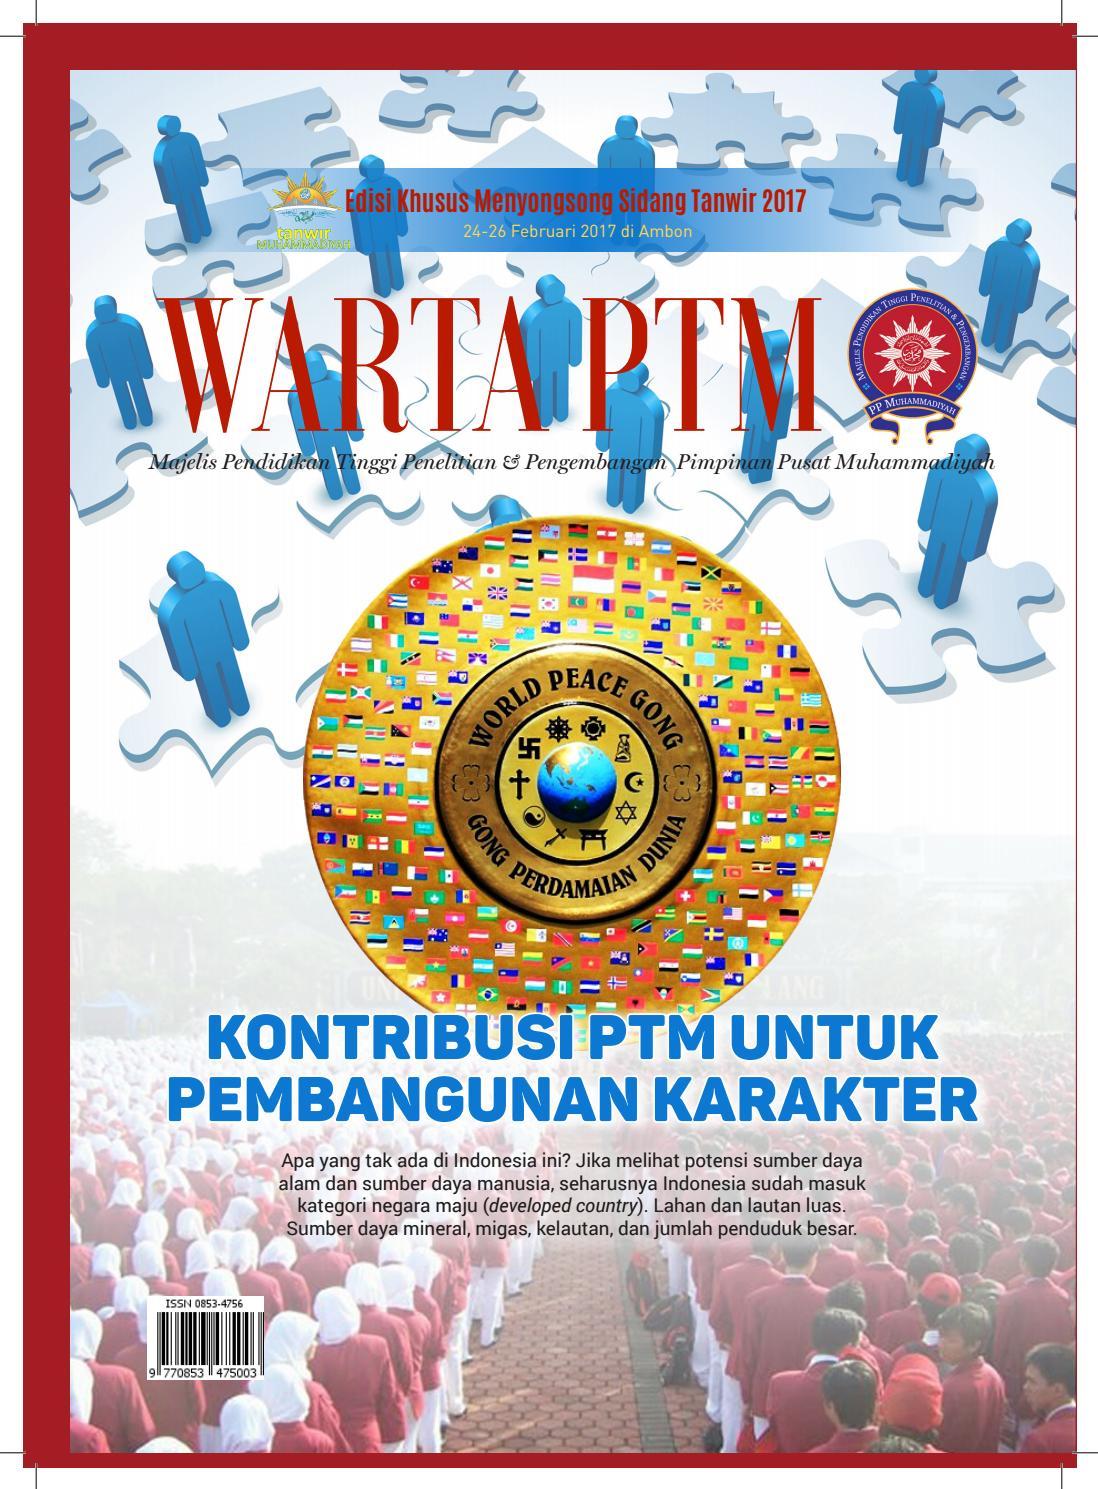 Warta Ptm Edisi Spesial Tanwir 2017 By Wartaptm Issuu